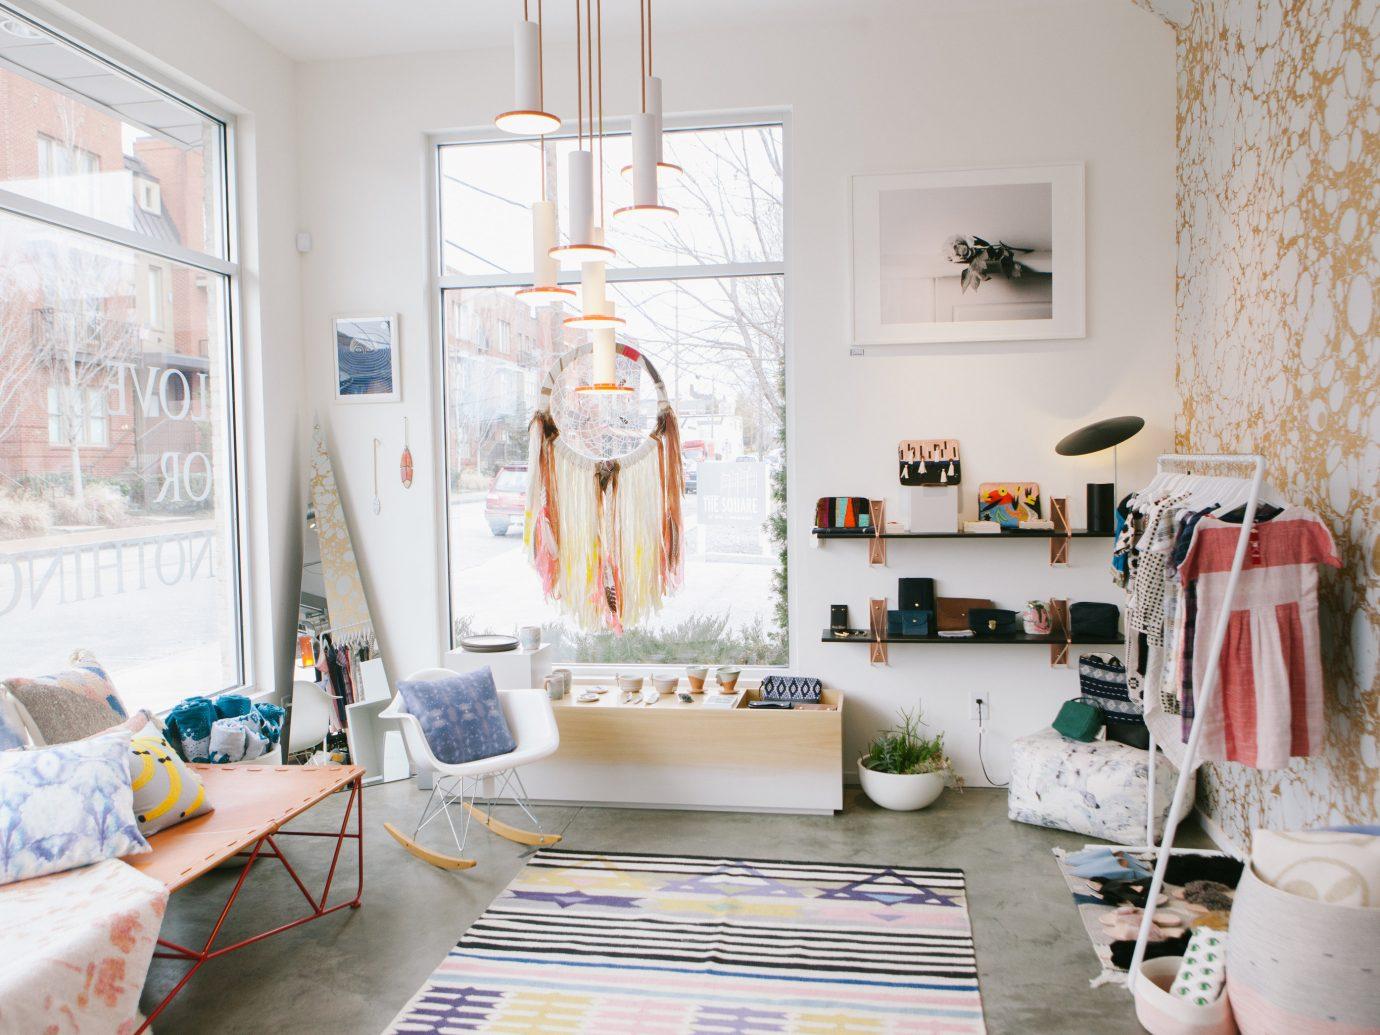 Jetsetter Guides wall indoor room living room home interior design Design cottage furniture